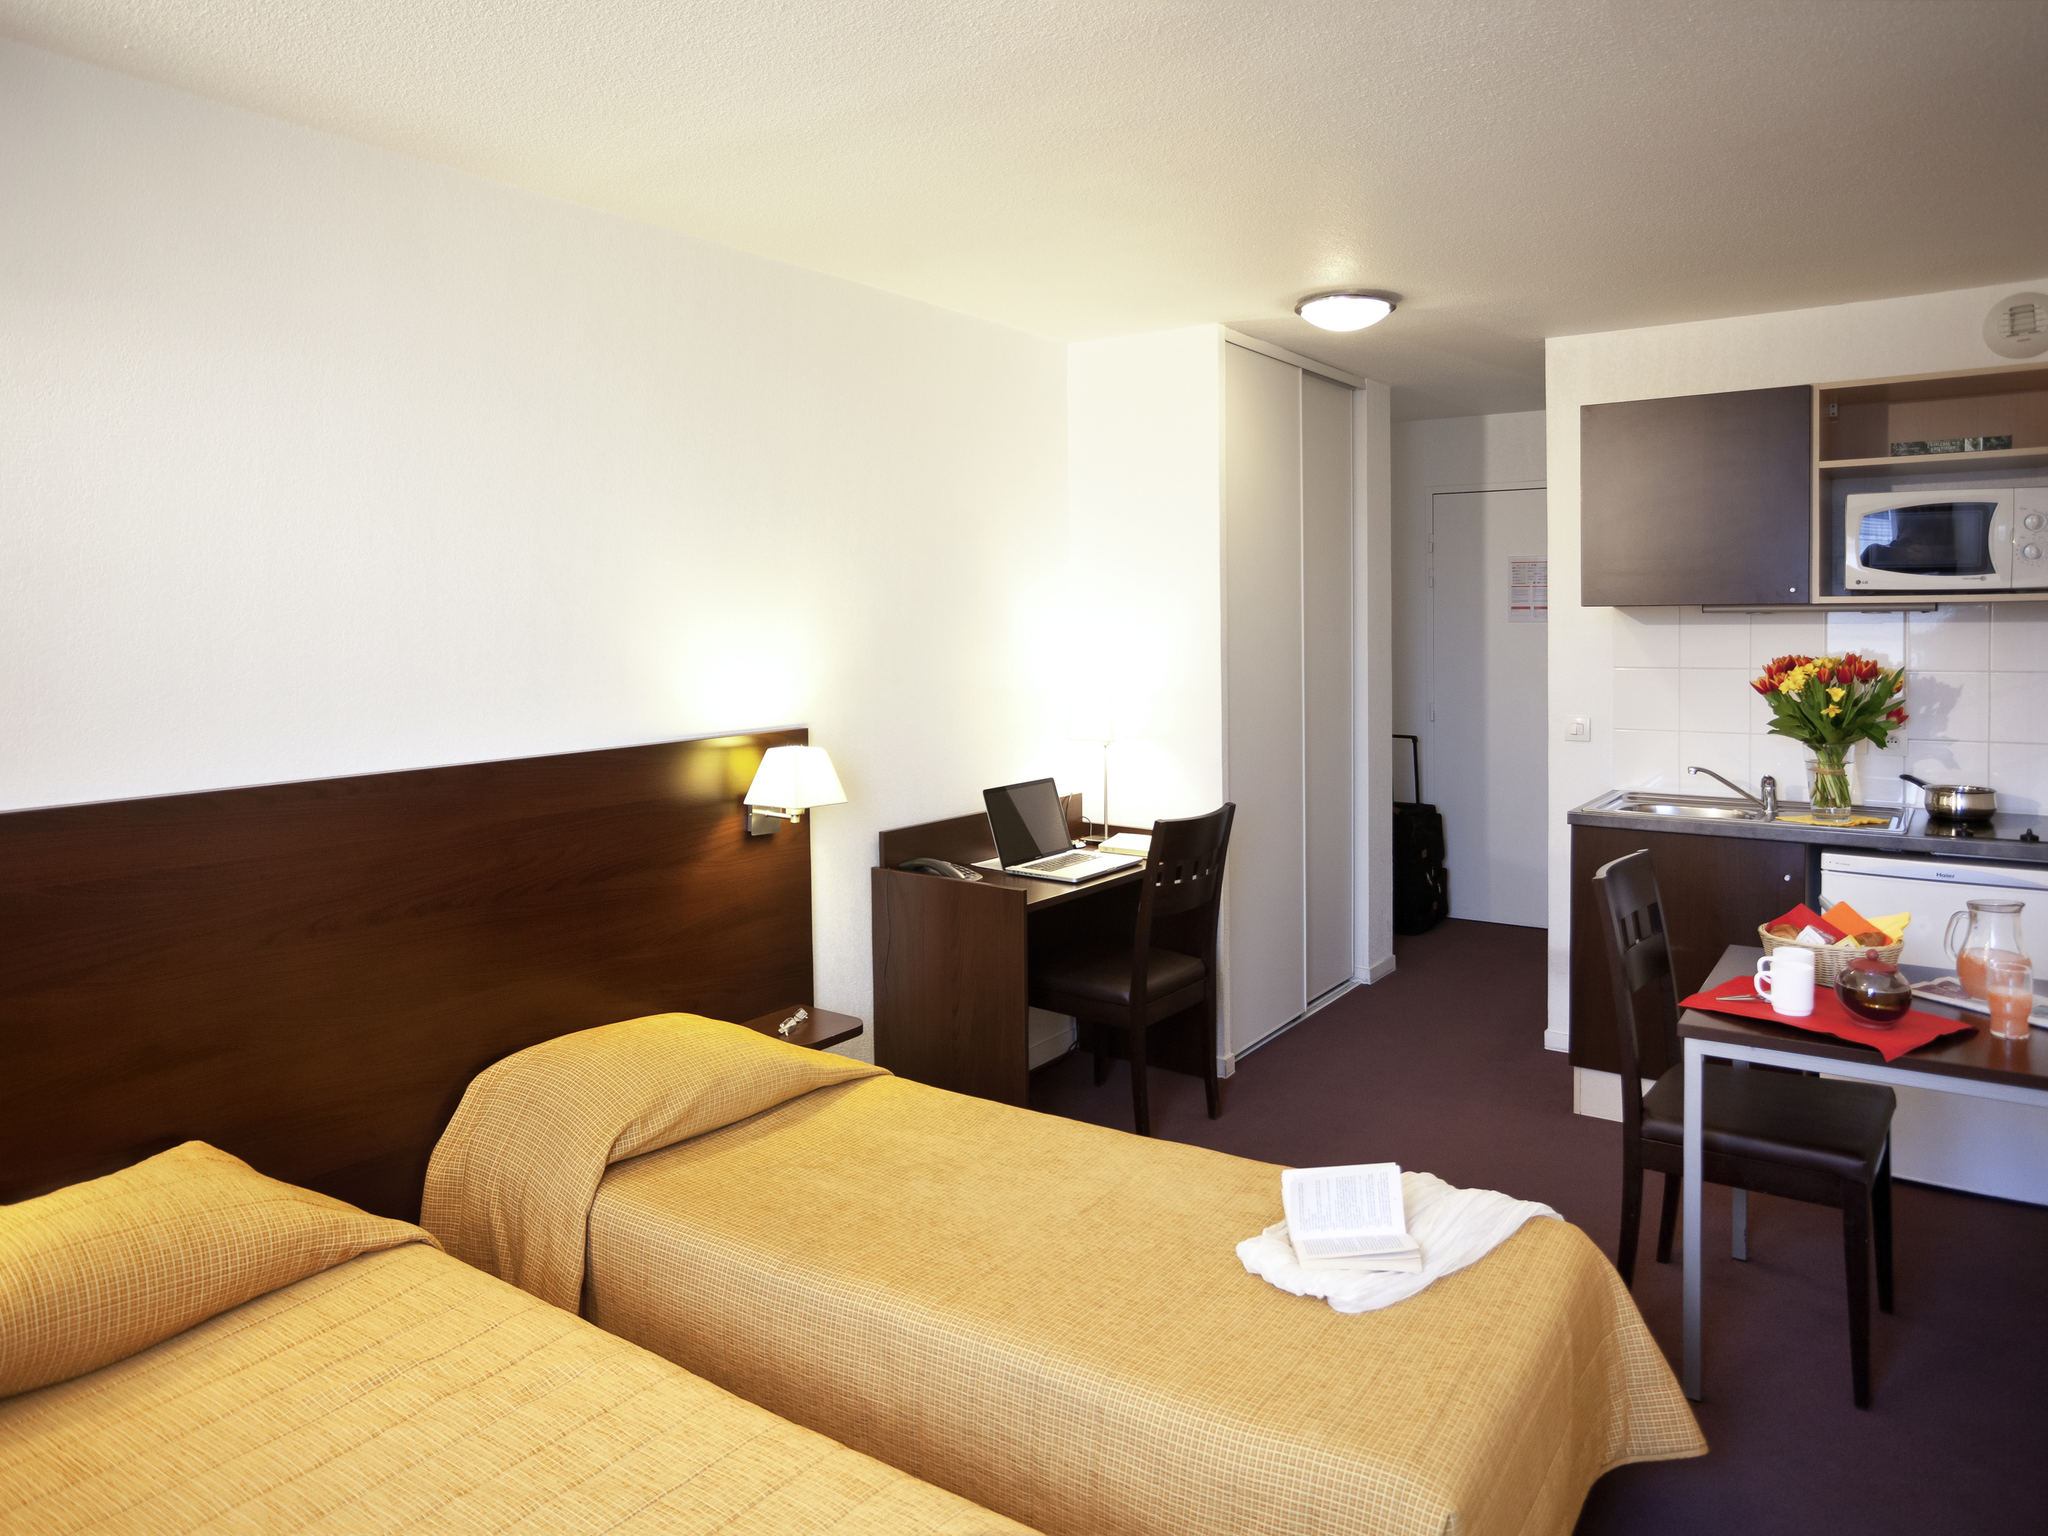 酒店 – 阿德吉奥阿克瑟斯巴黎圣丹尼斯普雷耶酒店